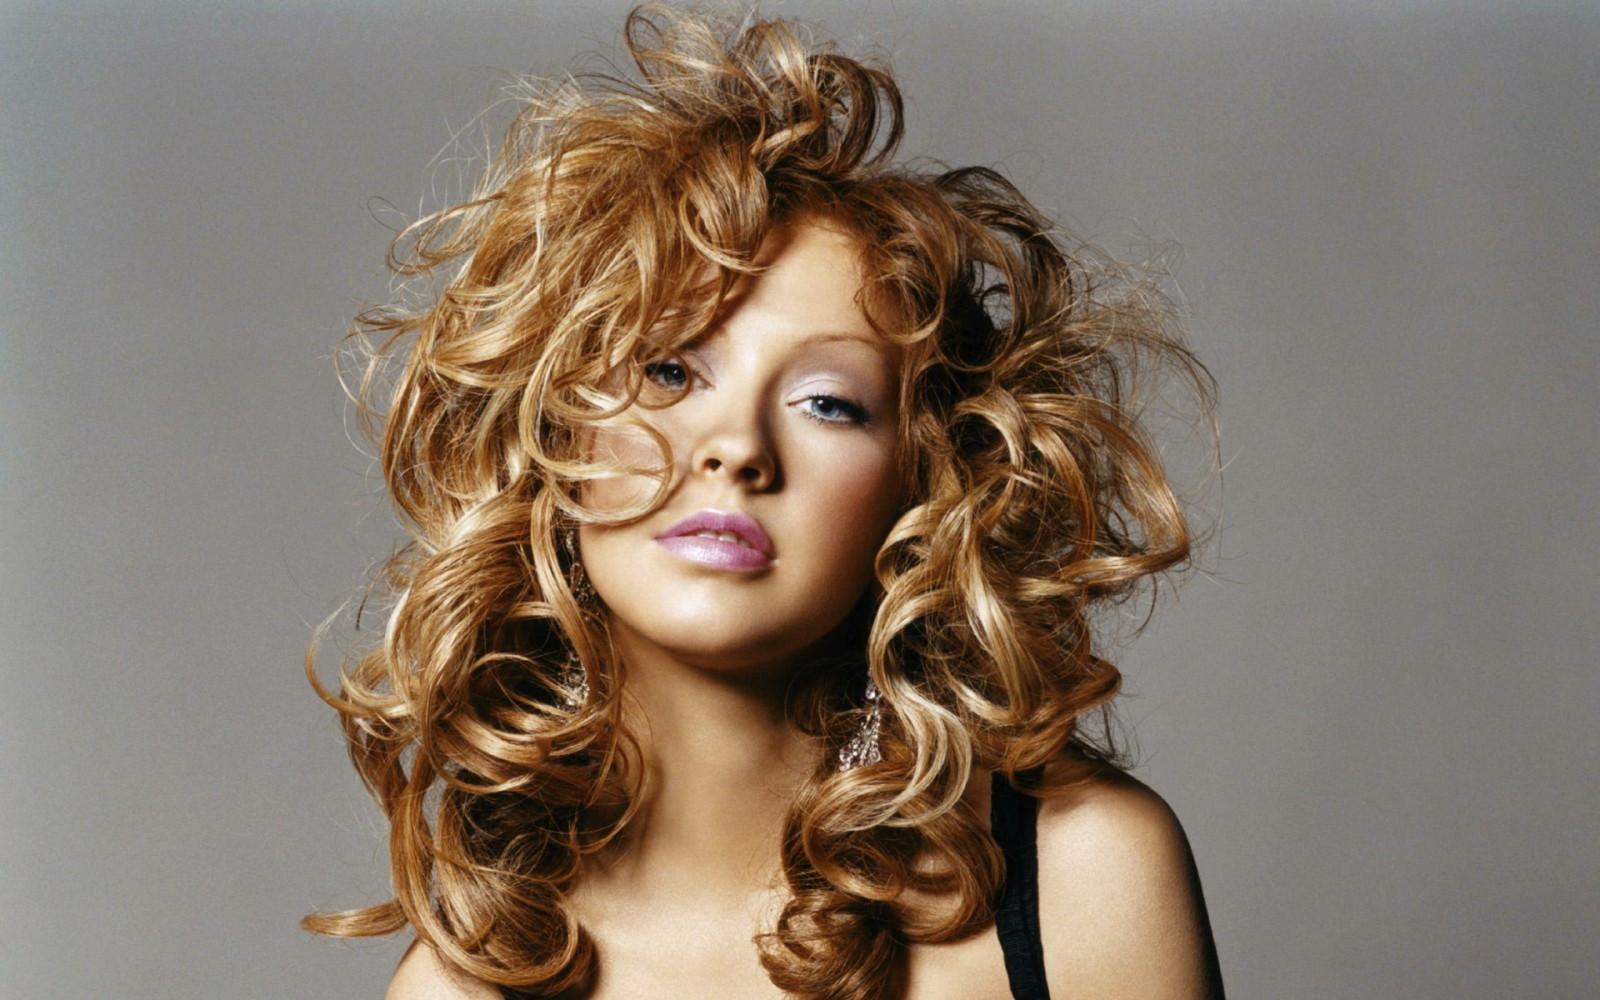 Пышные прически на длинные волосы: фото, как сделать укладку 14